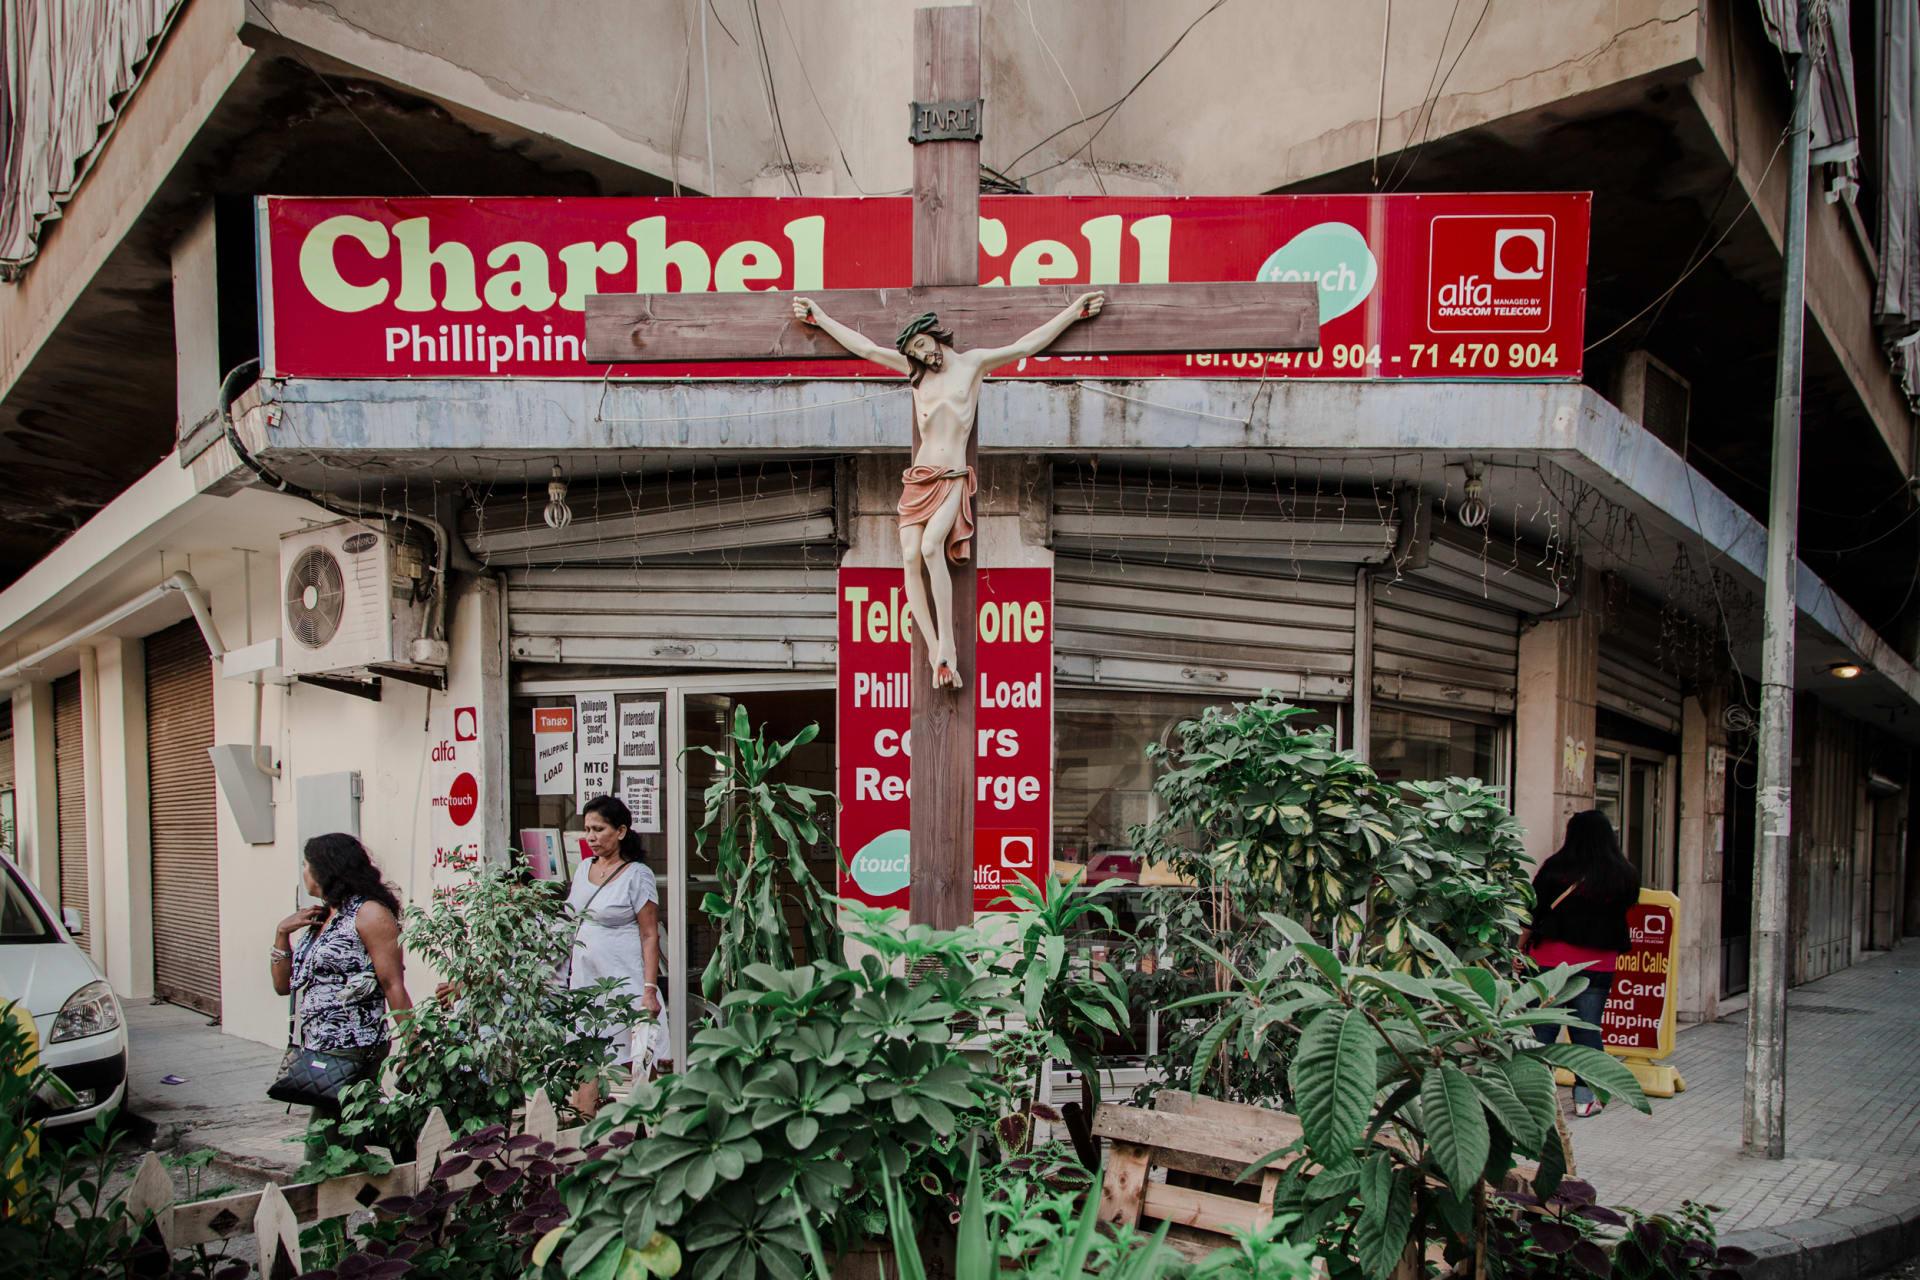 من المؤكد أنك لم تره من قبل.. إليك الجانب الخفي لحياة العاملات الوافدات في لبنان